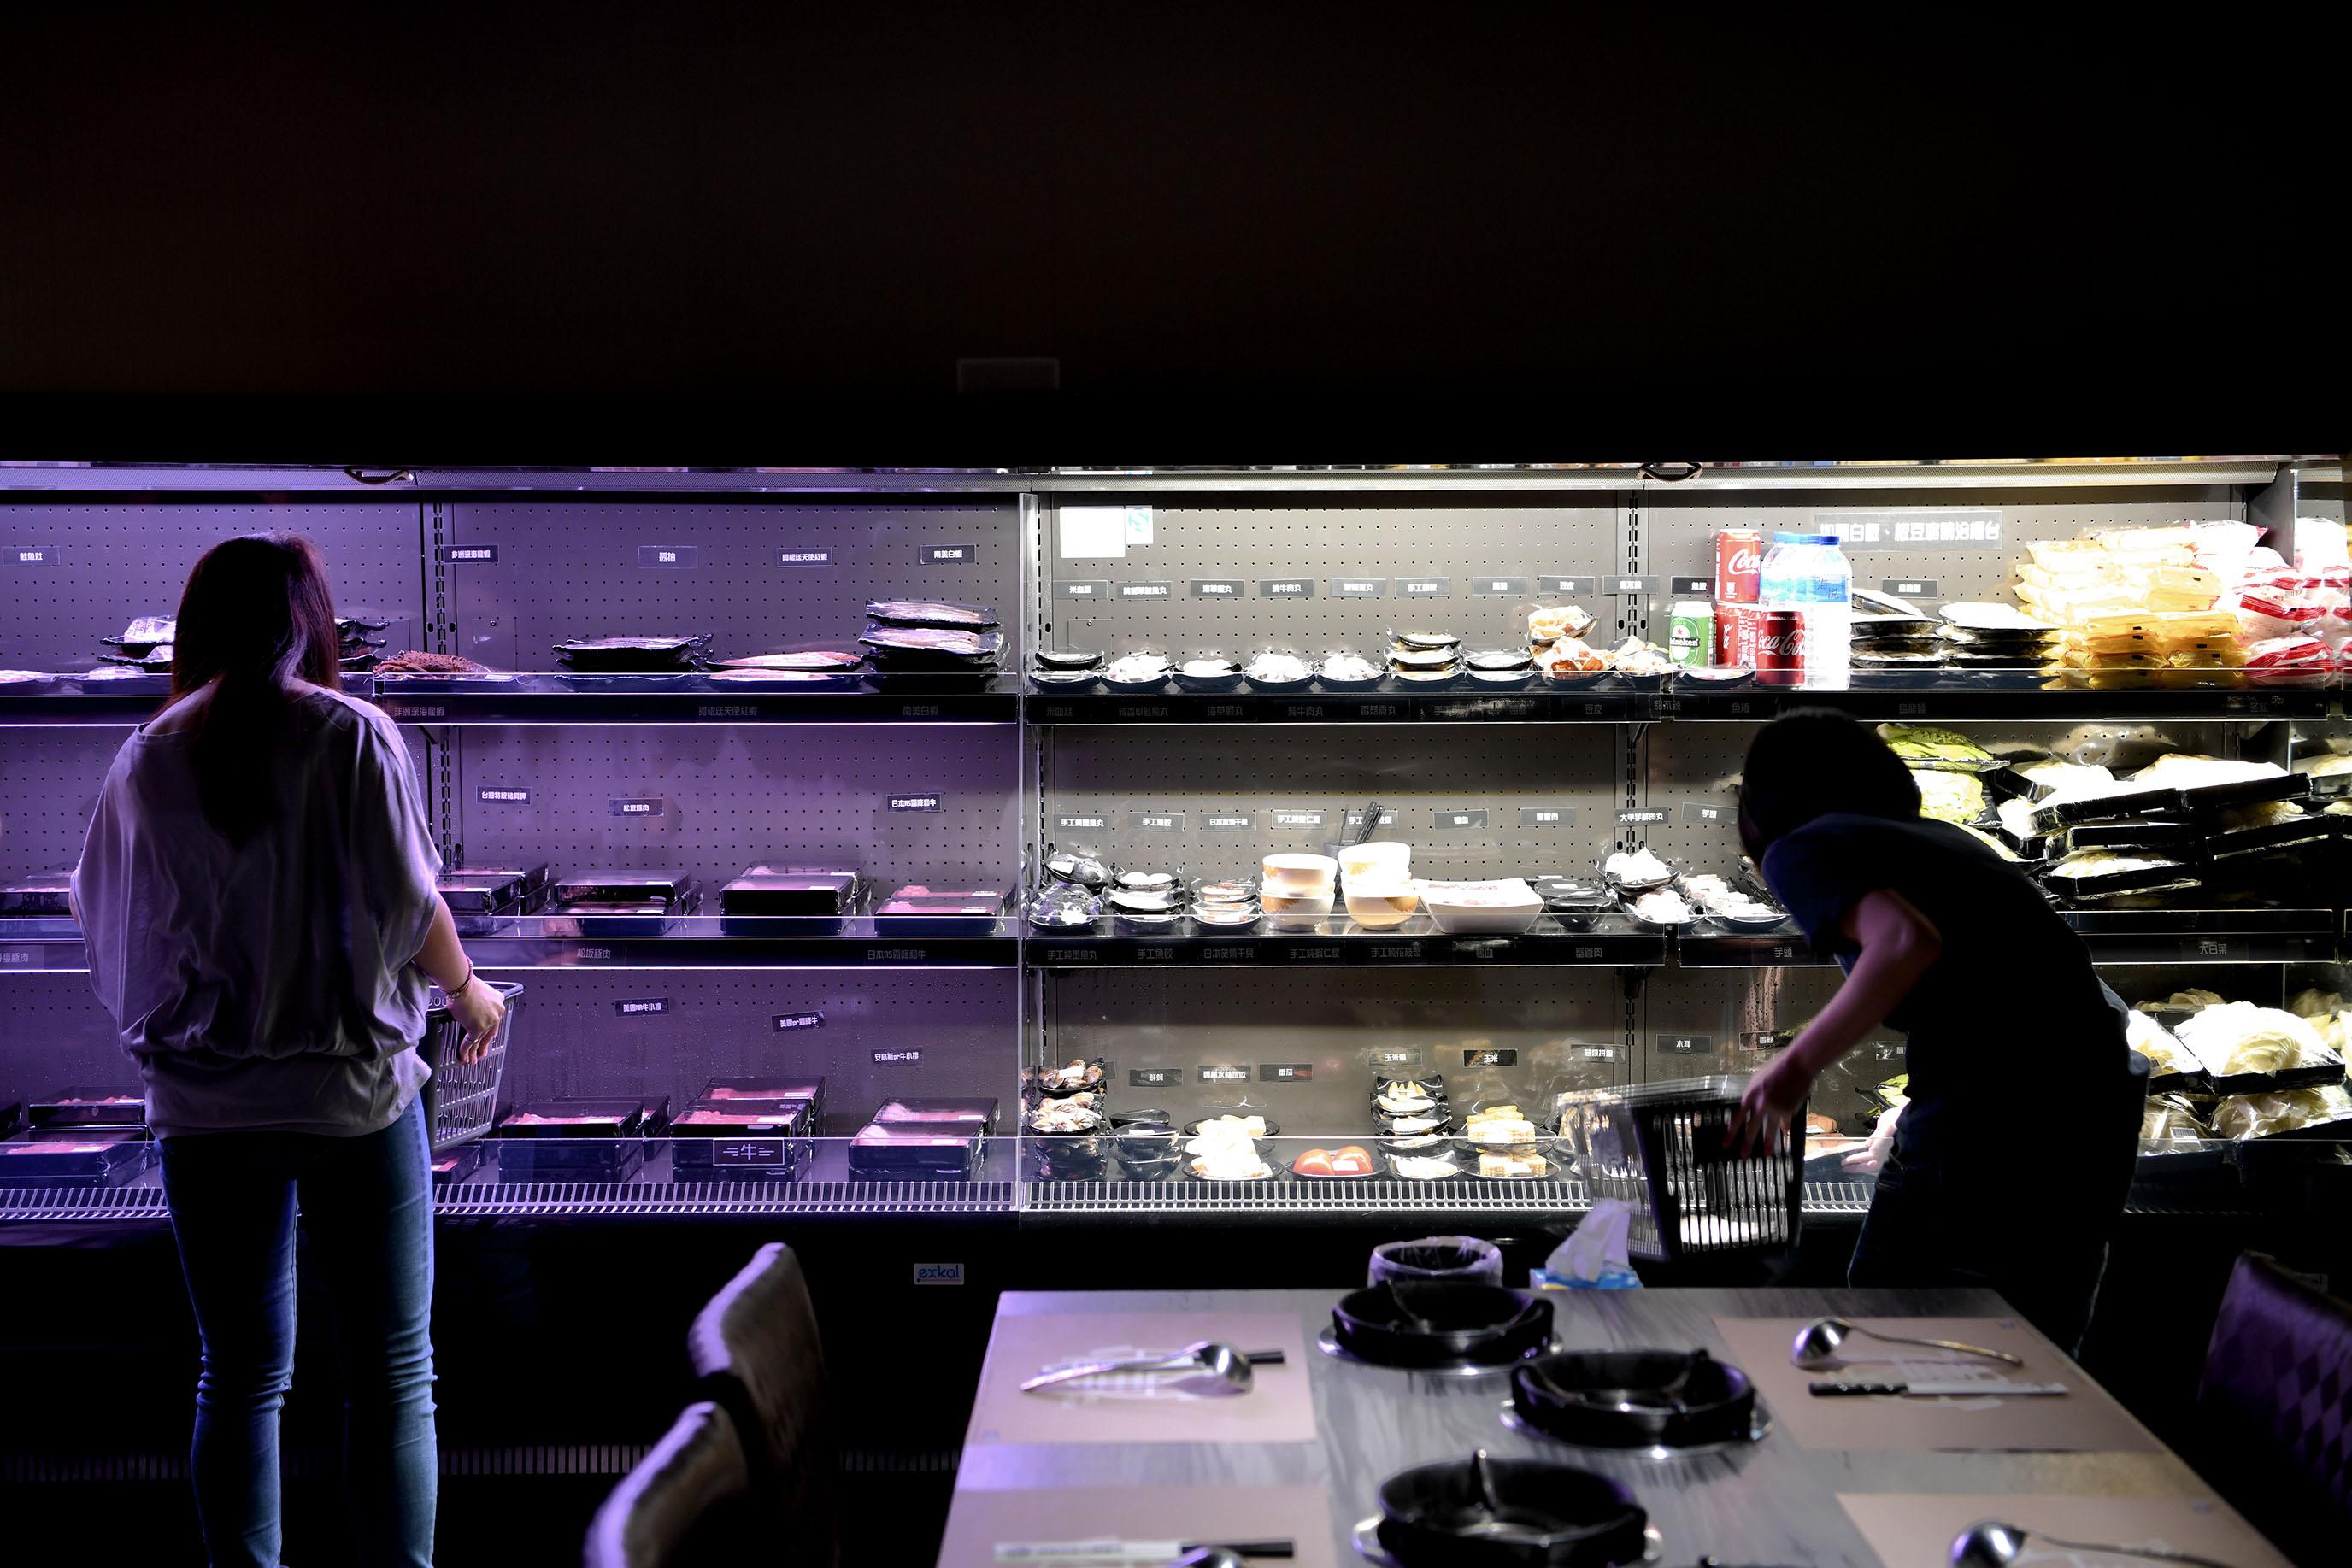 台北民生社區 沐樺頂級肉品火鍋超市|由自己精挑細選最豐盛的火鍋大餐